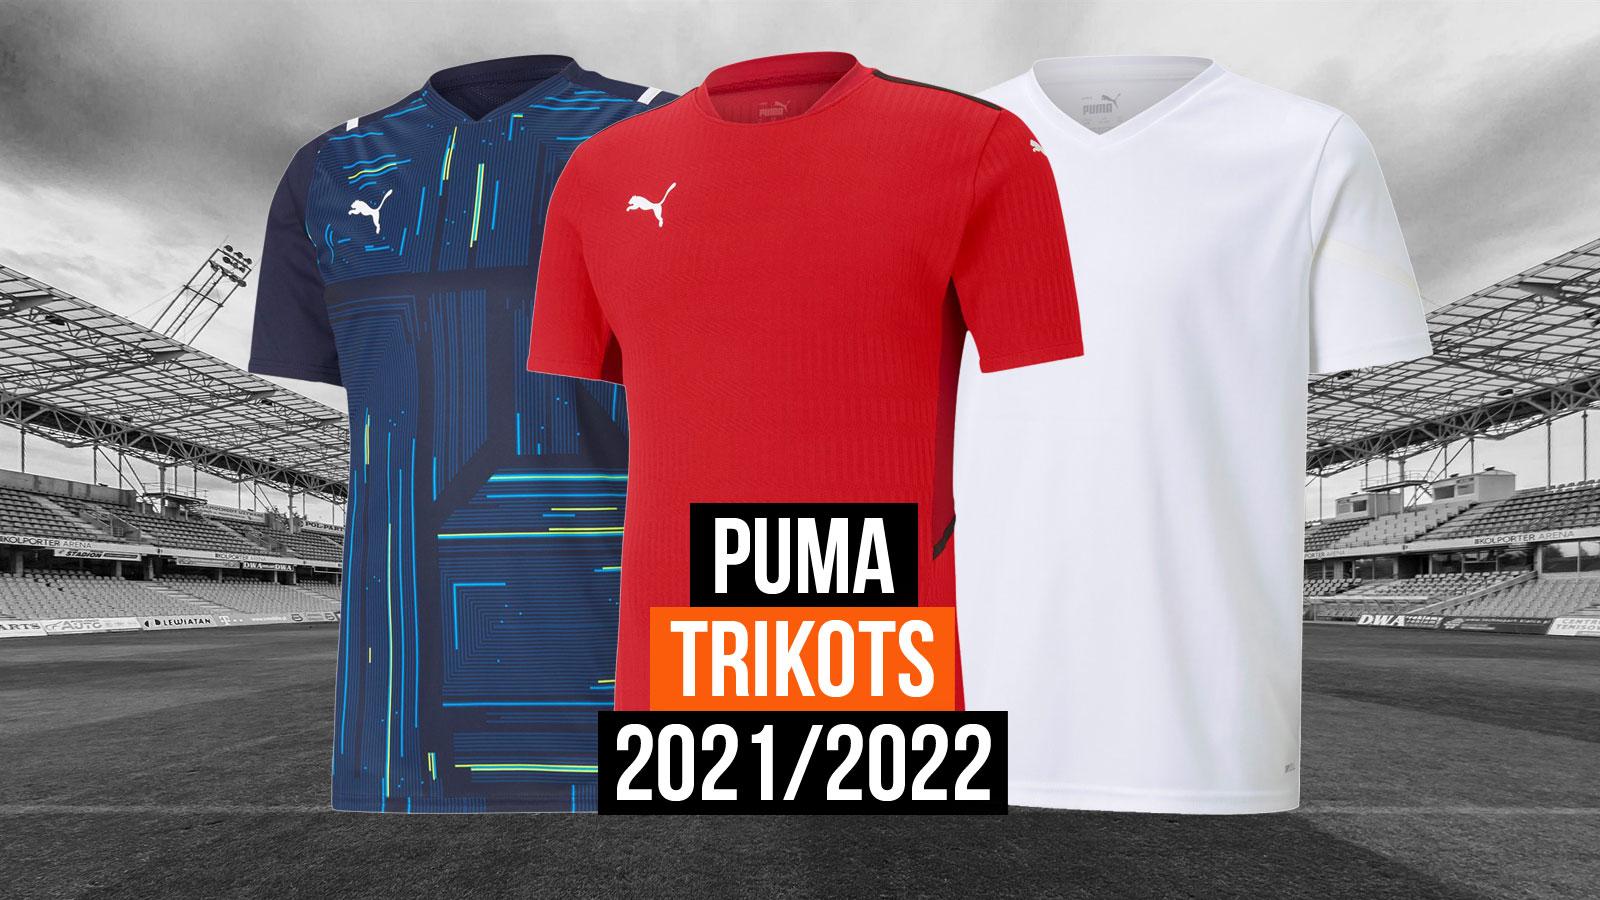 das Puma Trikots 2021/2022 aus dem Teamsport Katalog